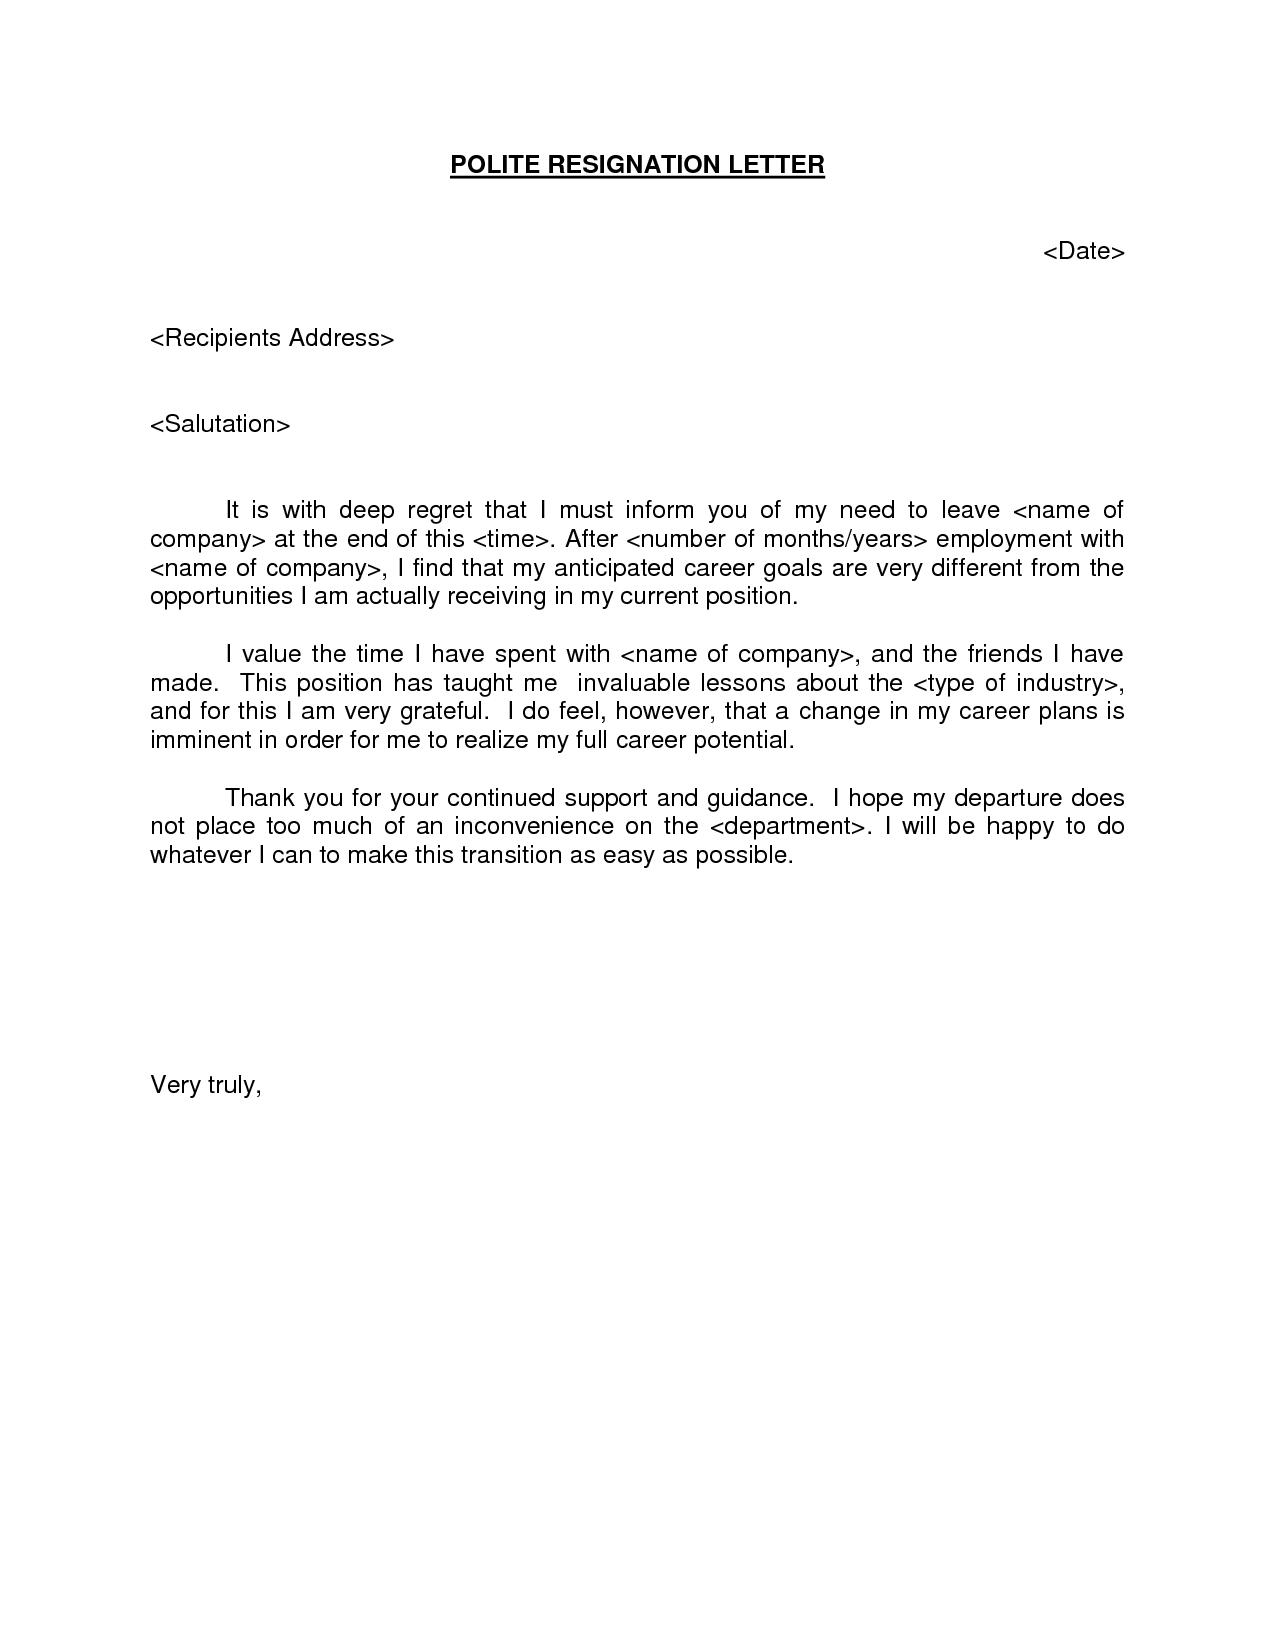 Free Printable Resignation Letter Template - Polite Resignation Letter Bestdealformoneywriting A Letter